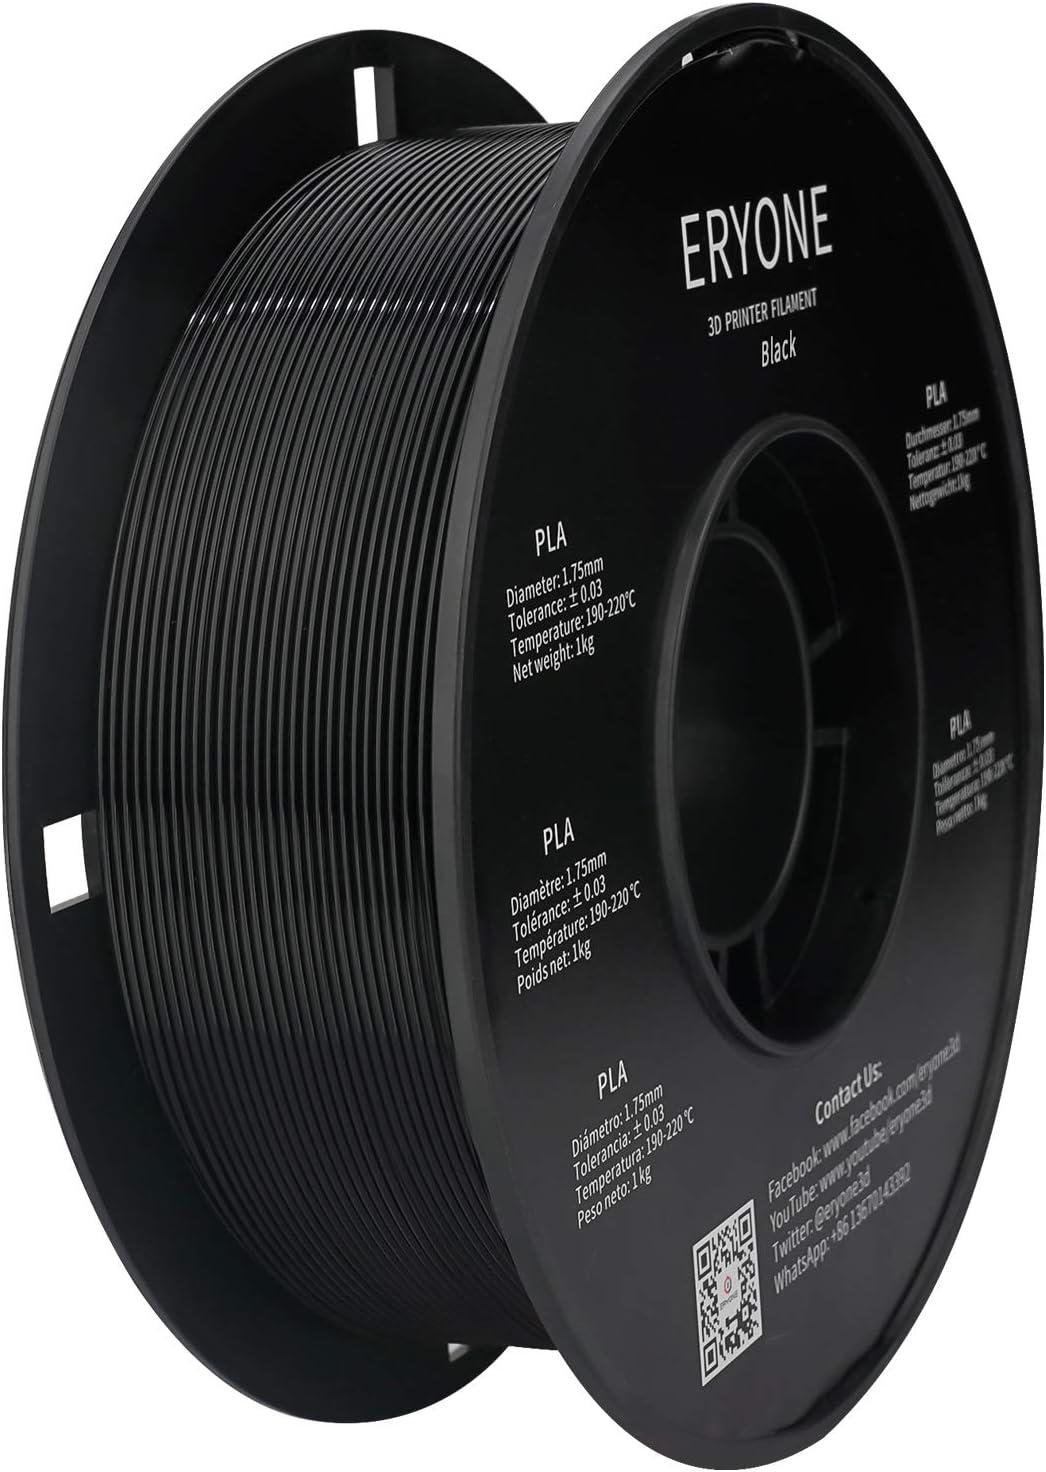 Filament PLA 1.75mm, ERYONE PLA Filament 1.75mm, Imprimante 3D Filament PLA Pour Imprimante 3D, 1kg 1 Spool,Noir